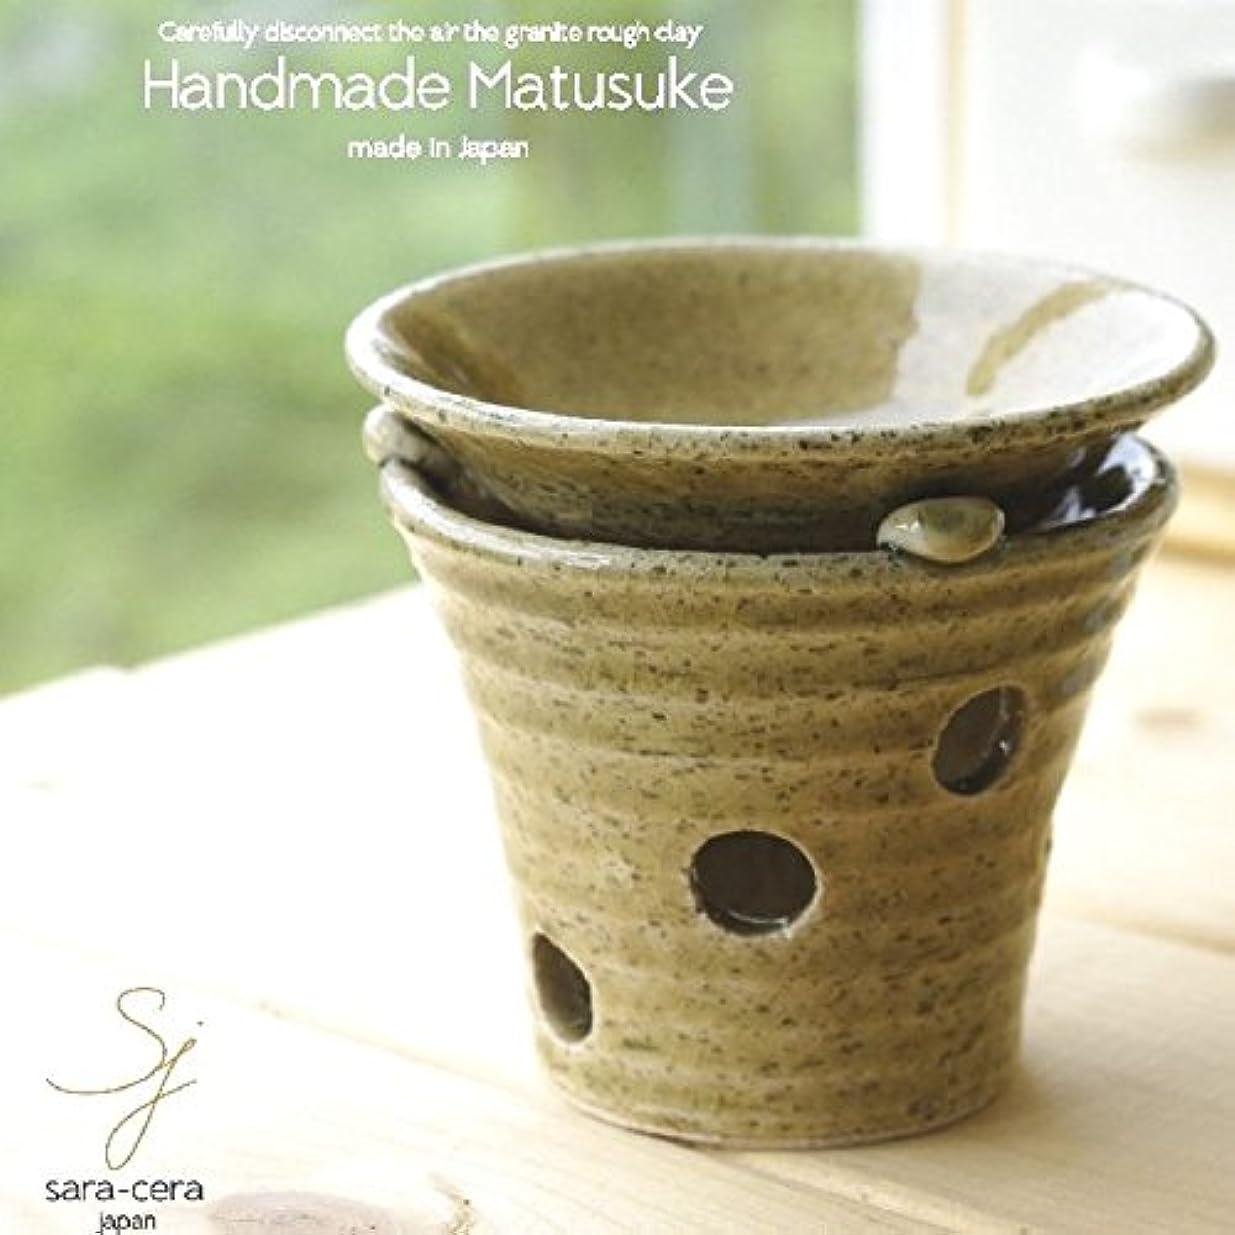 追い払う成長する最愛の松助窯 手作り茶香炉セット 灰釉ビードロ アロマ 和風 陶器 手づくり 日本製 美濃焼